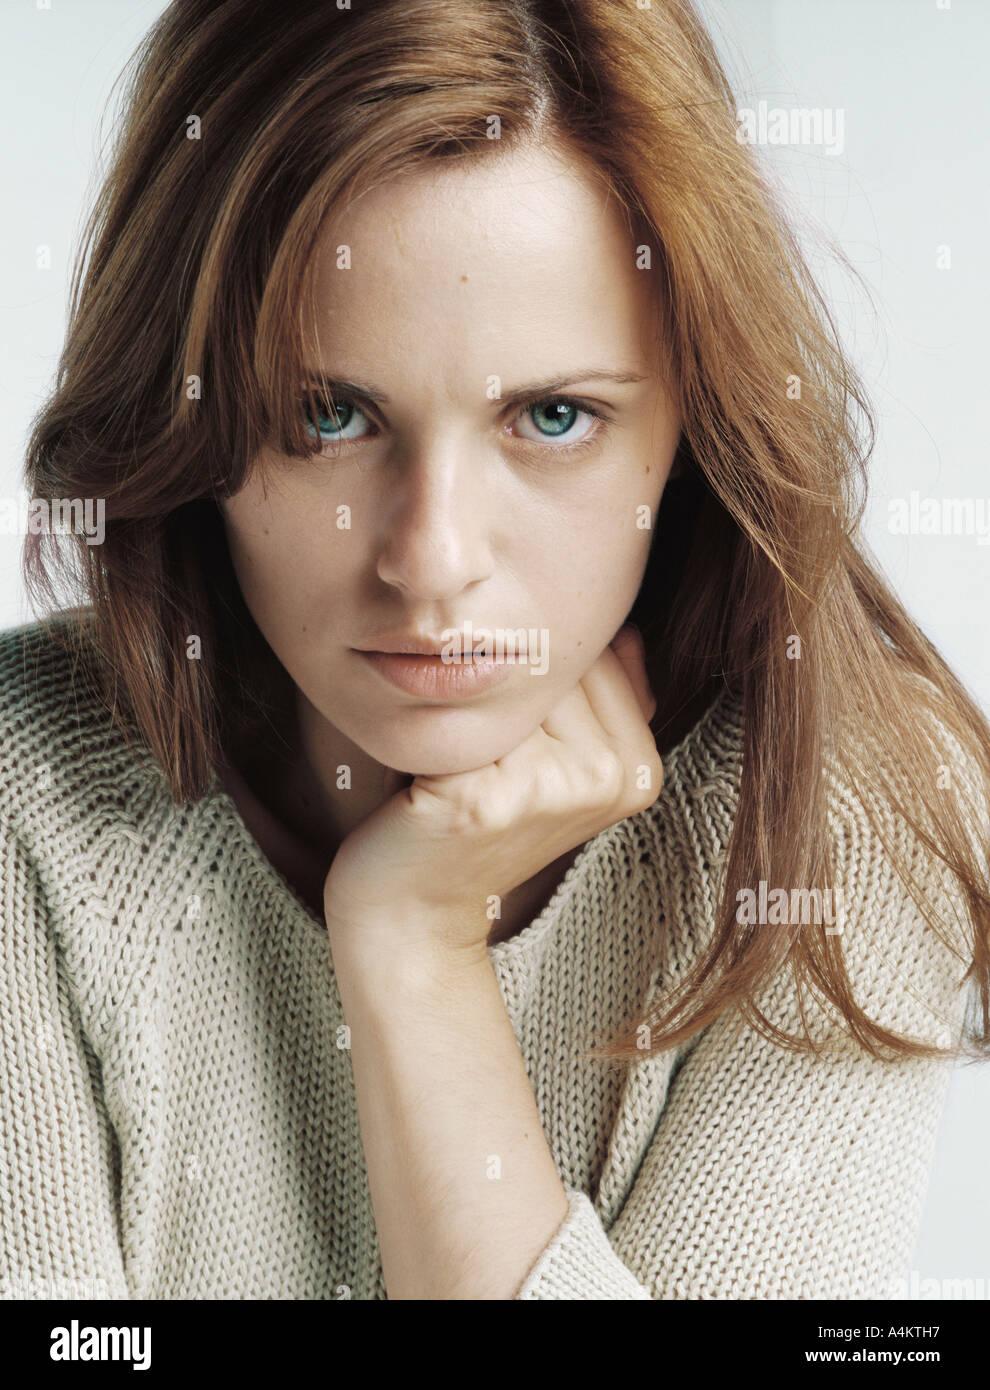 Woman glaring at camera, close-up Stock Photo, Royalty